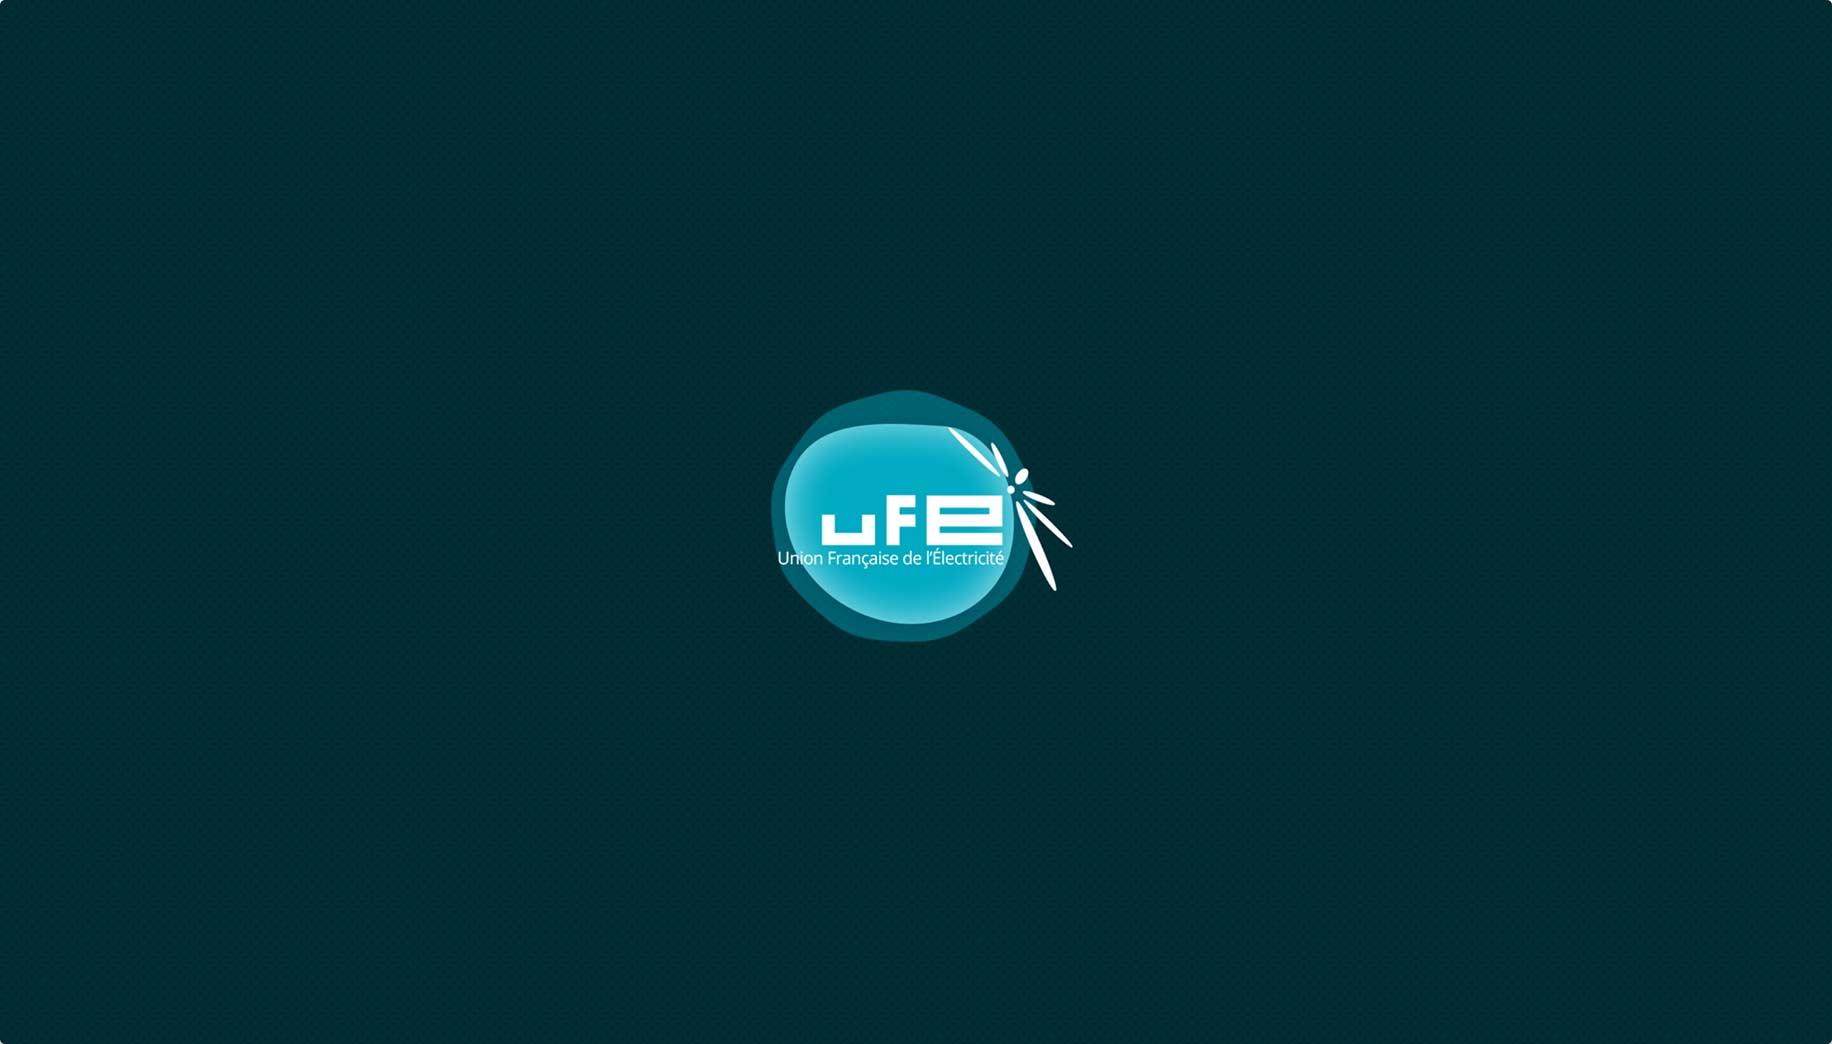 ufe_01